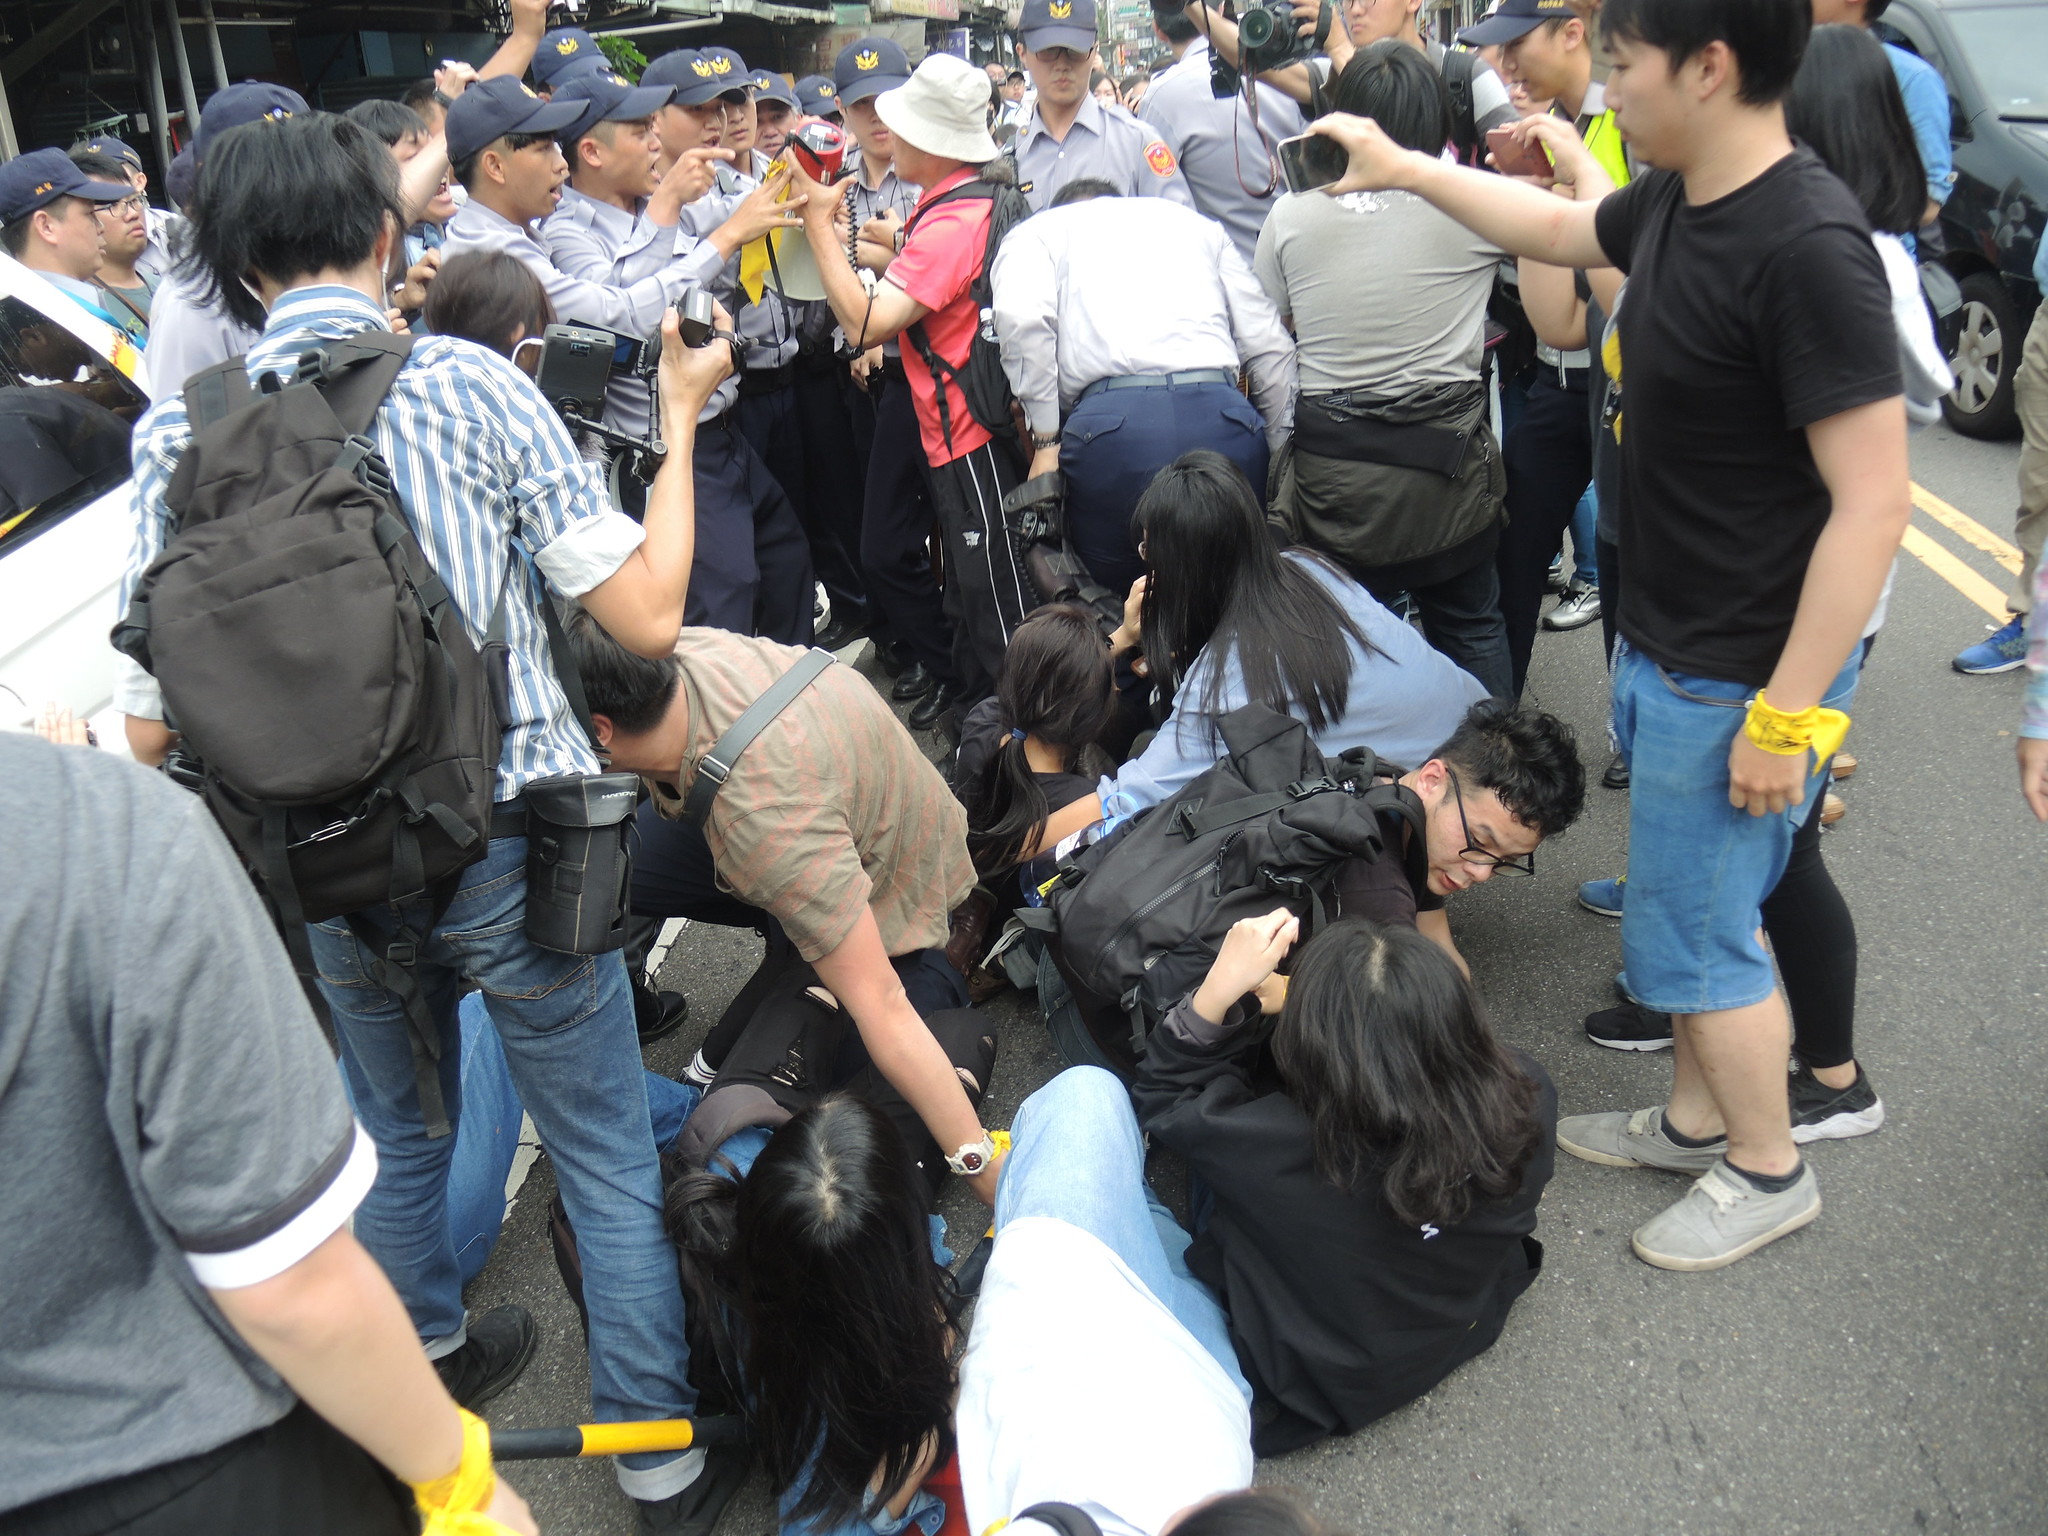 黎明幼稚園園長林金連出現後爆發衝突,群眾遭警方推倒在地。(攝影:曾福全)